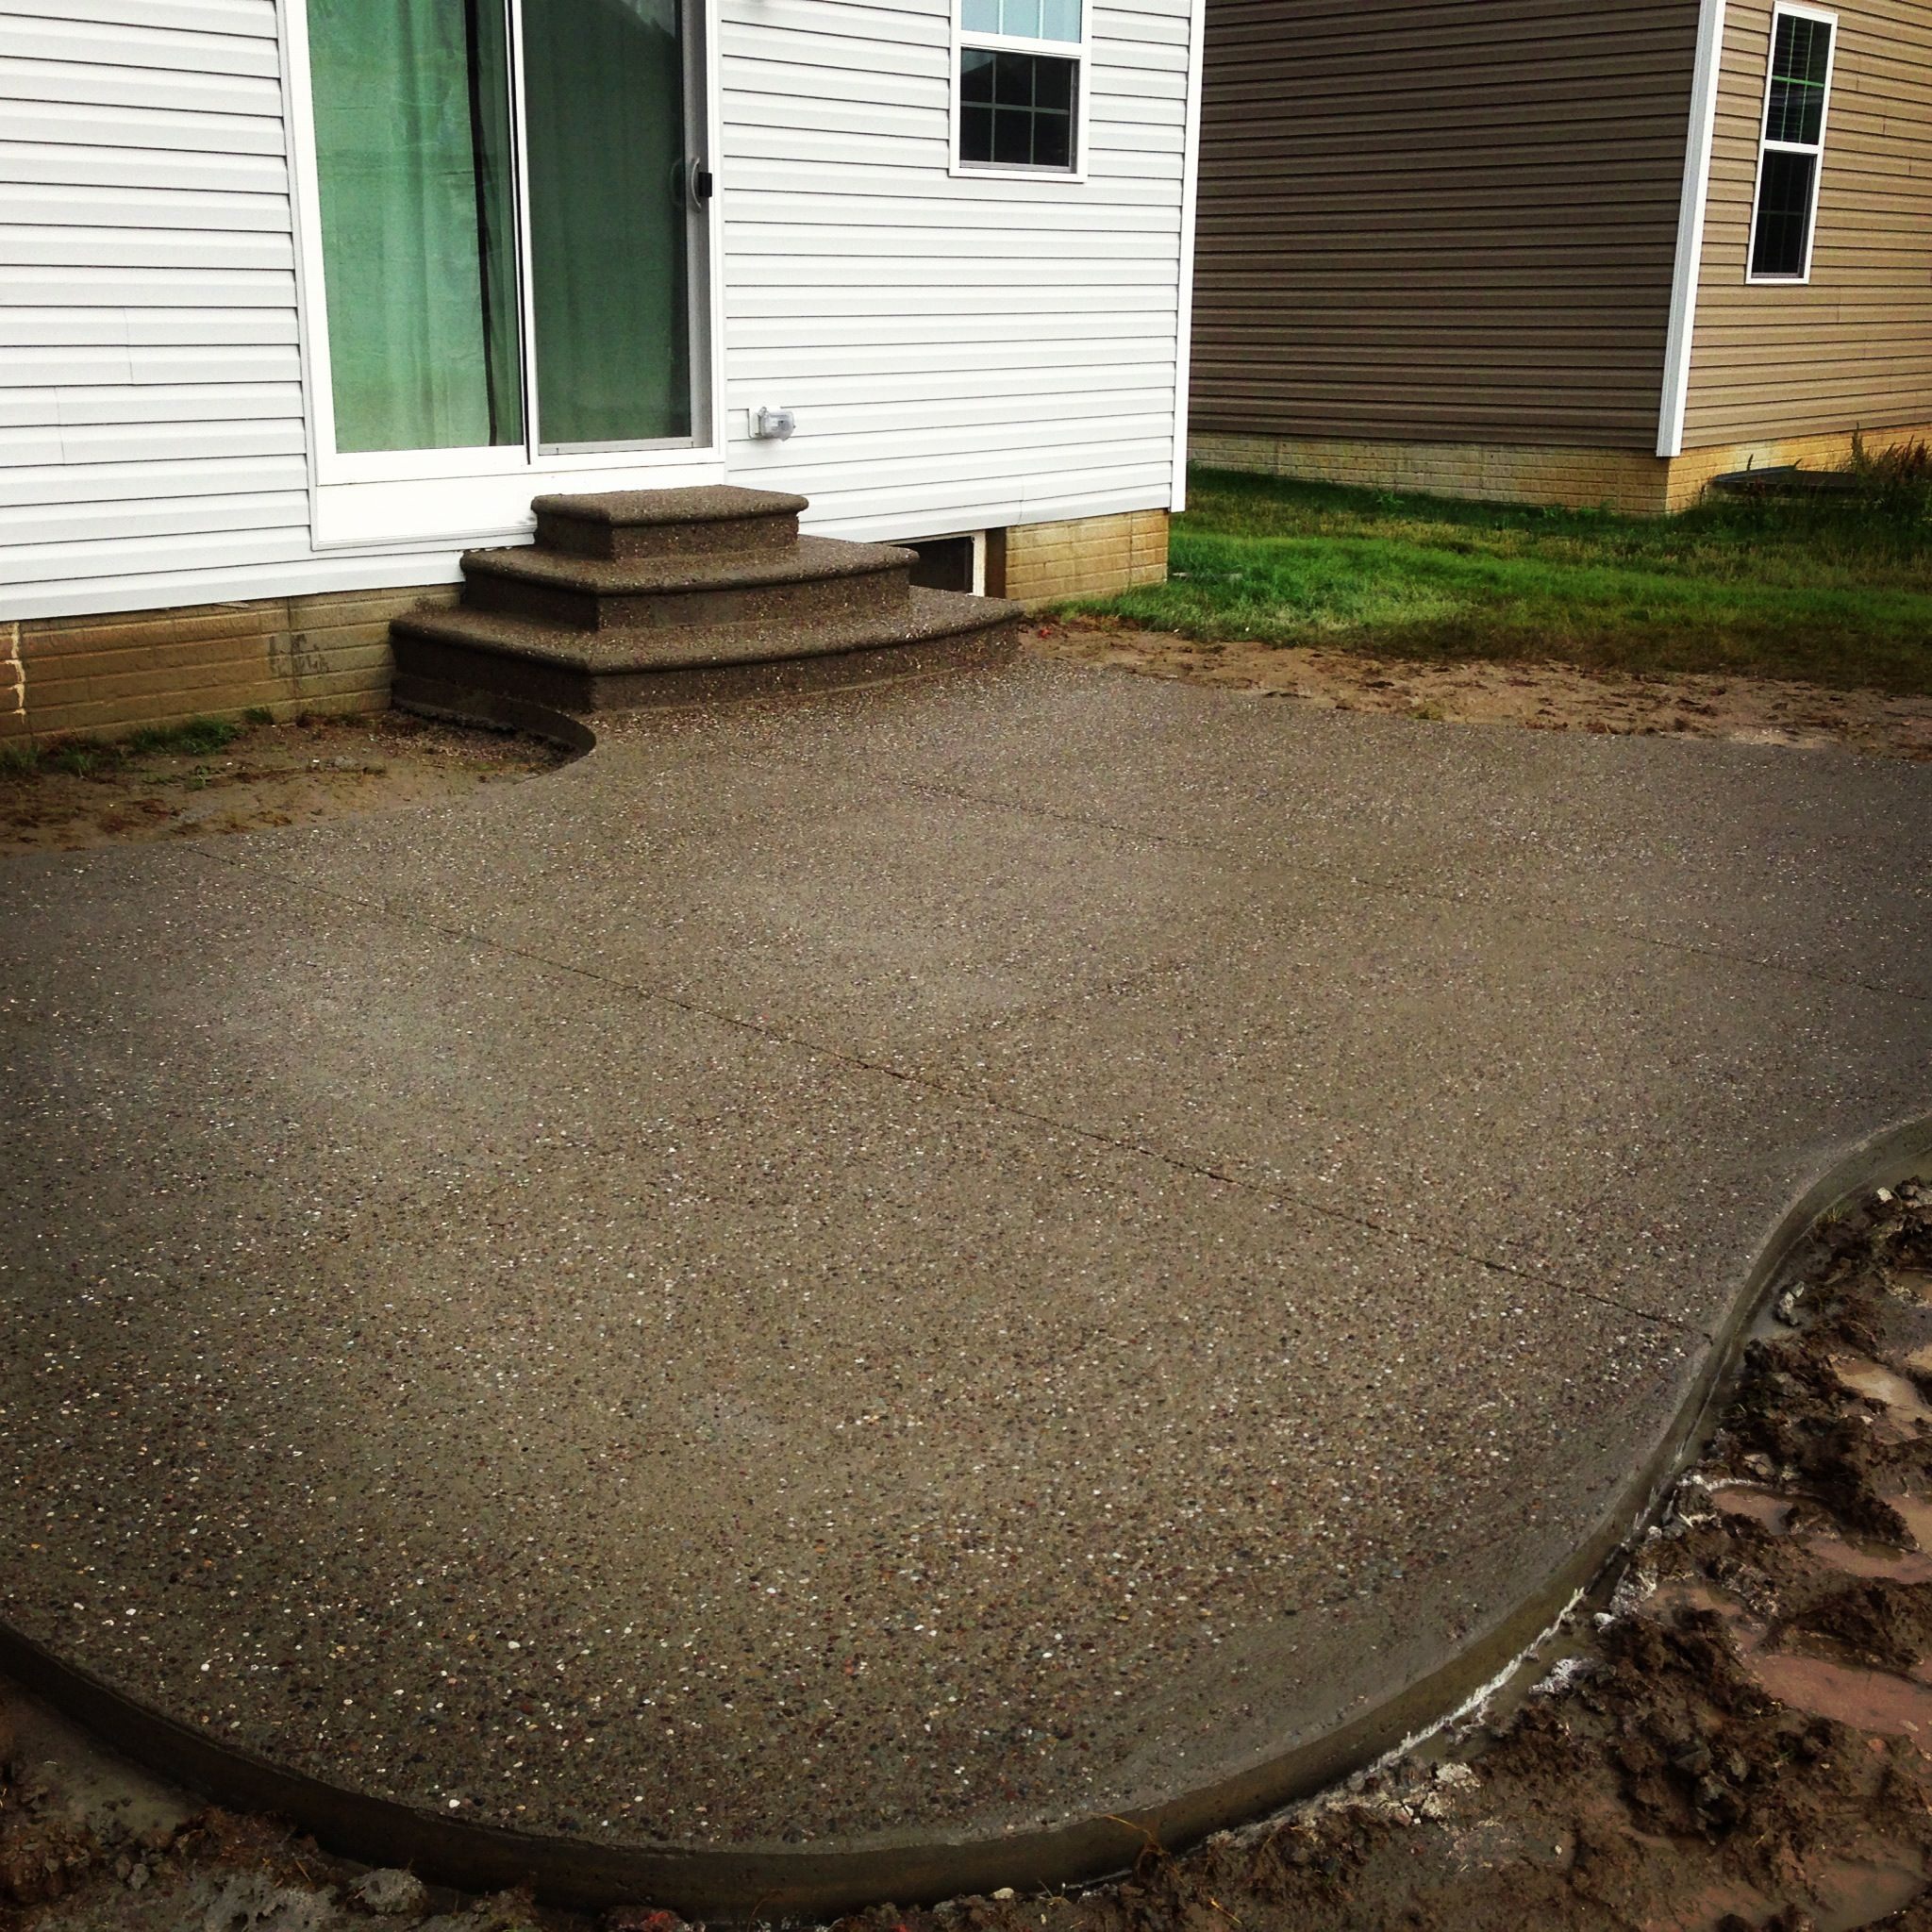 Concrete Outdoor Kitchen Countertops: Exposed Aggregate Decorative Concrete Patio. Www